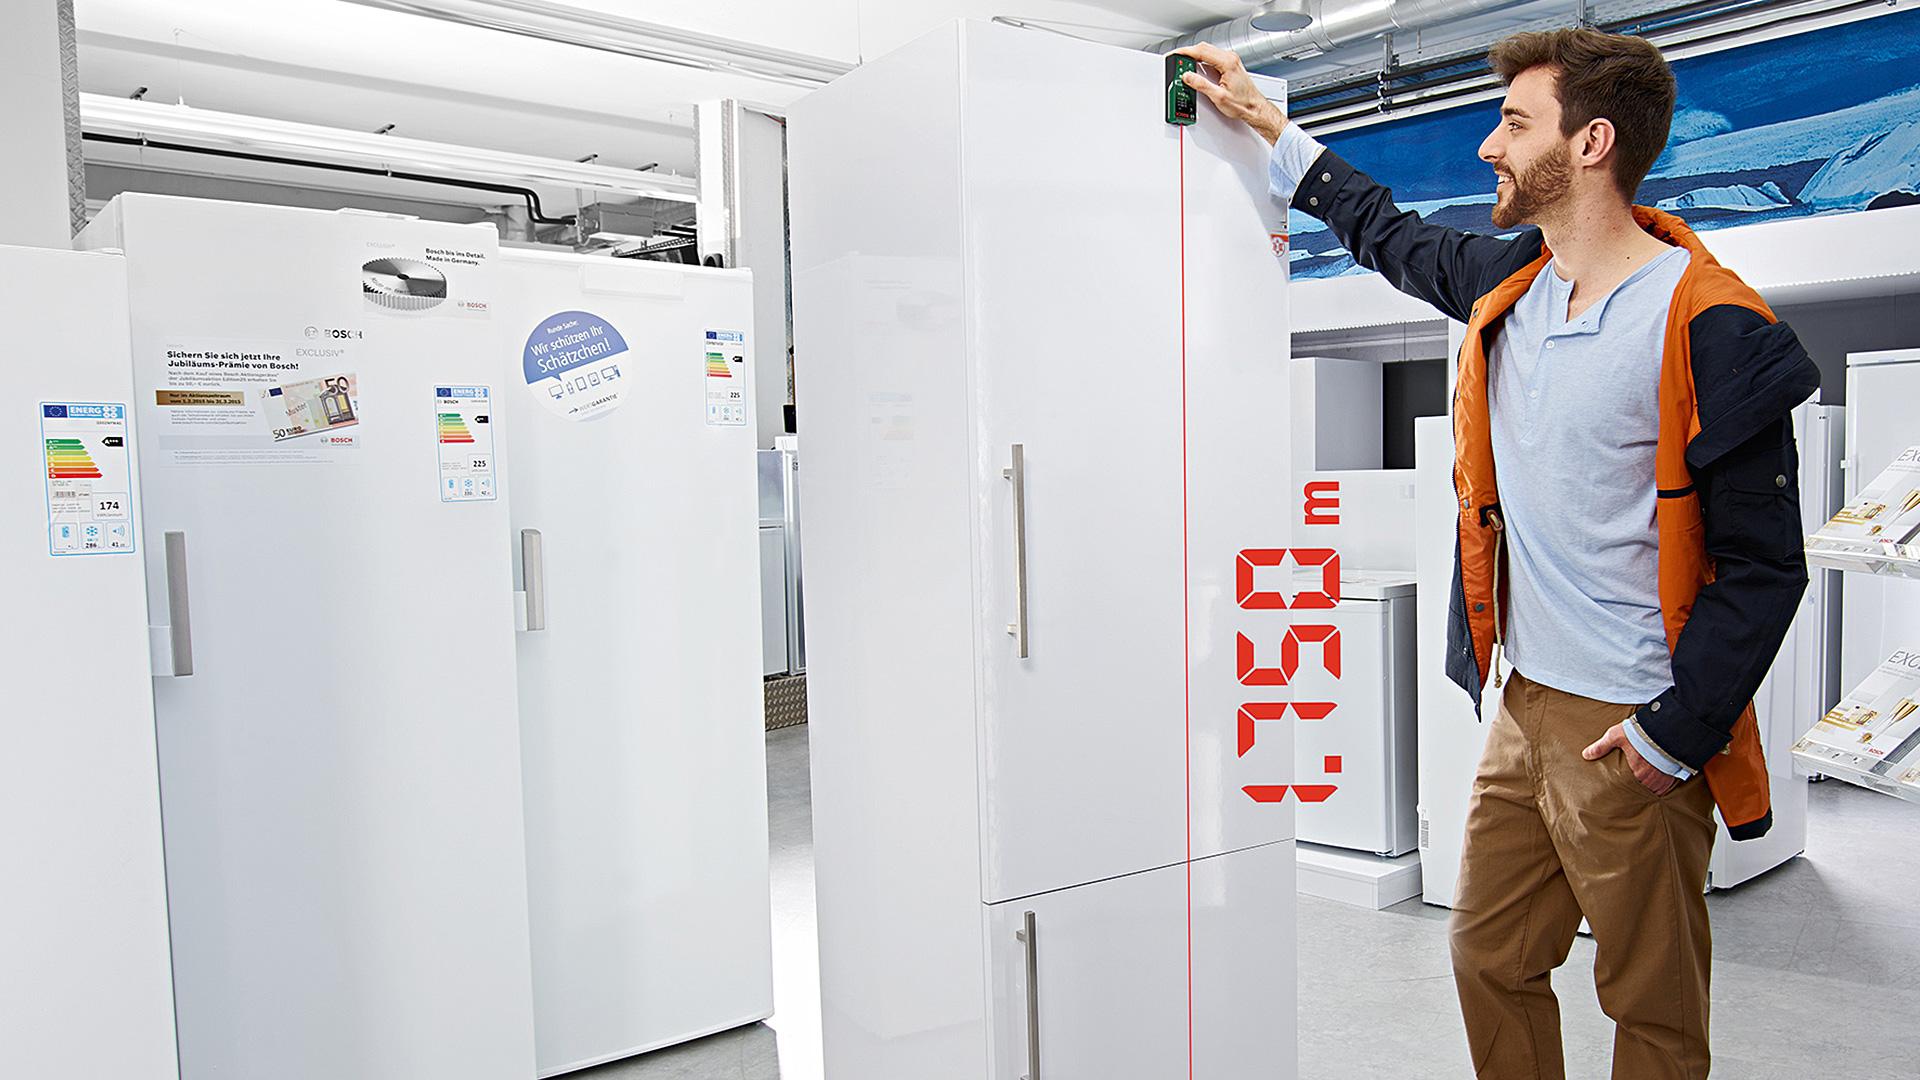 Bosch Entfernungsmesser Plr 25 : Laser entfernungsmesser plr 25 von bosch media service